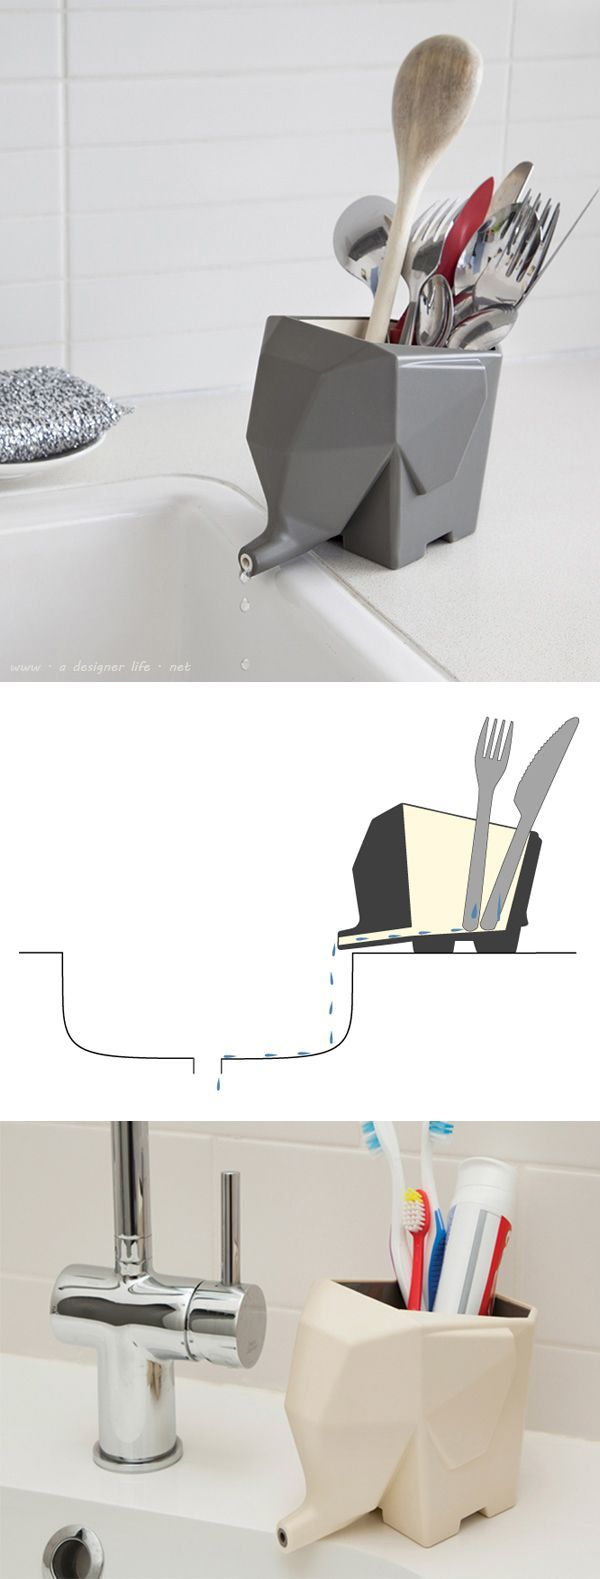 Les 25 meilleures id es concernant accessoires de salle de for La cuisine dans le bain